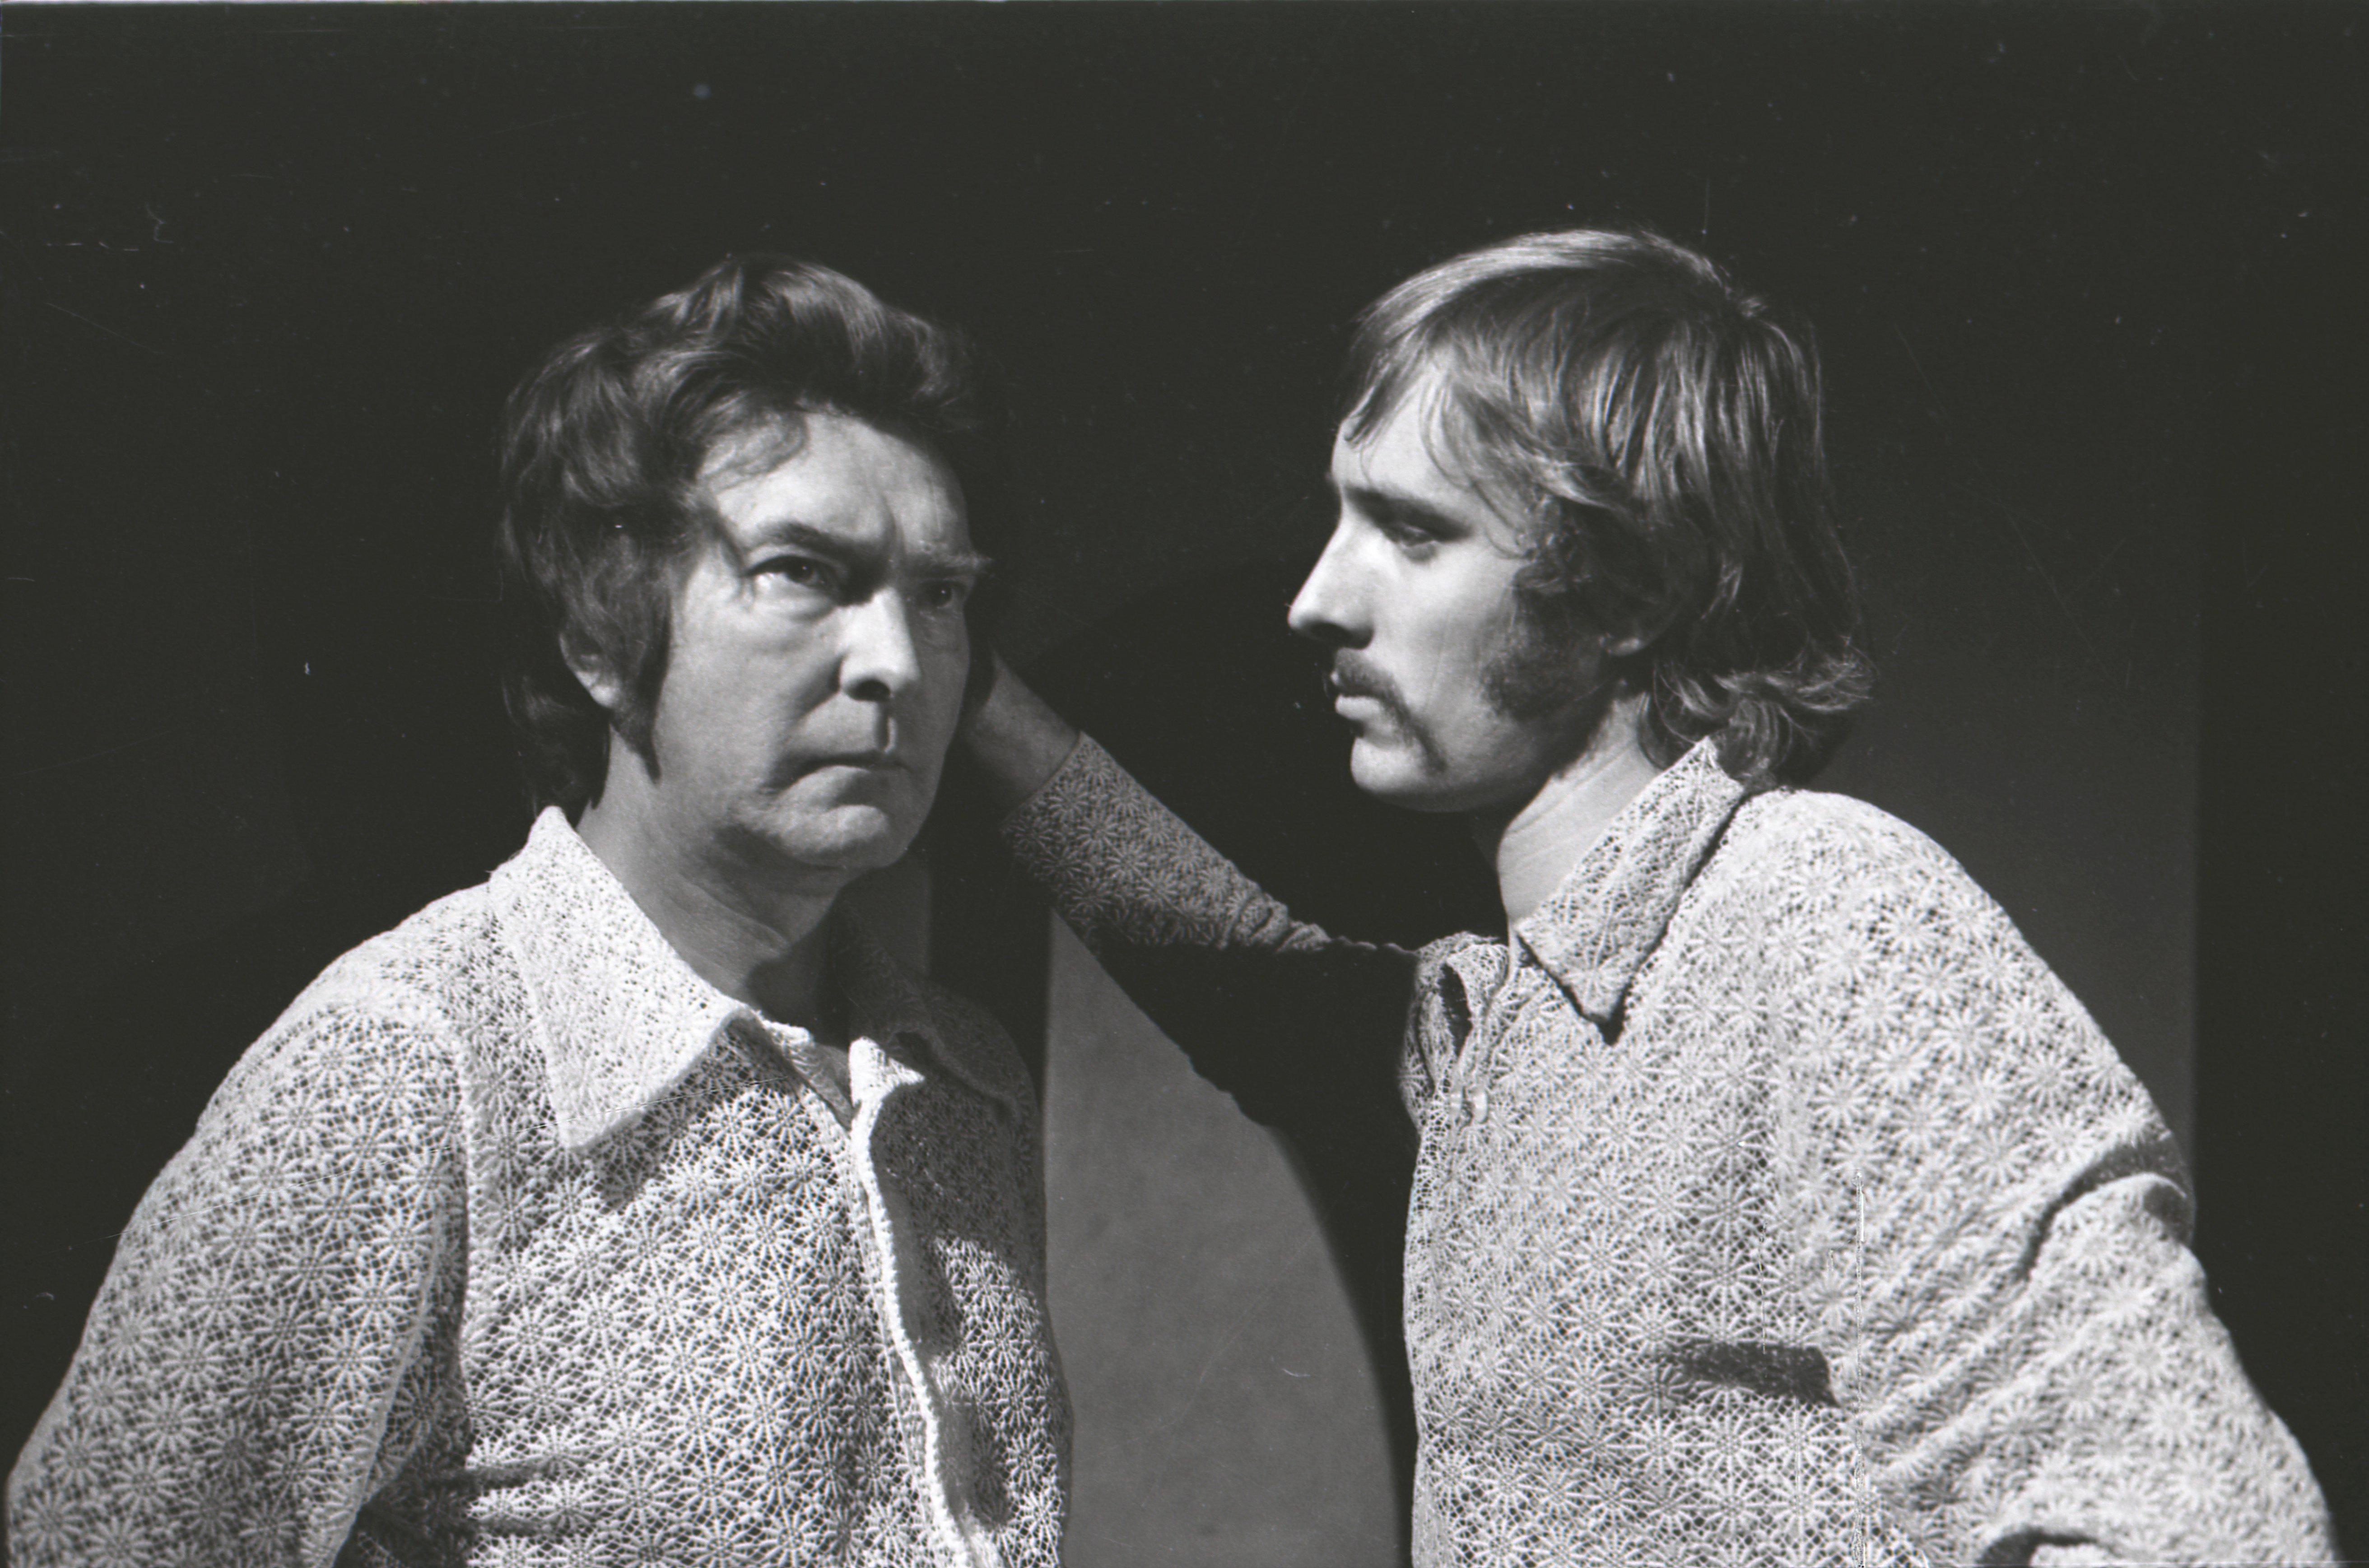 """EFA 0-76912. Heino Mandri ja Lembit Ulfsak Jean Anouilh'i näidendi """"Becket ehk Jumala au"""" proovis Noorsooteatris. Foto: Oskar Juhani, 1972"""